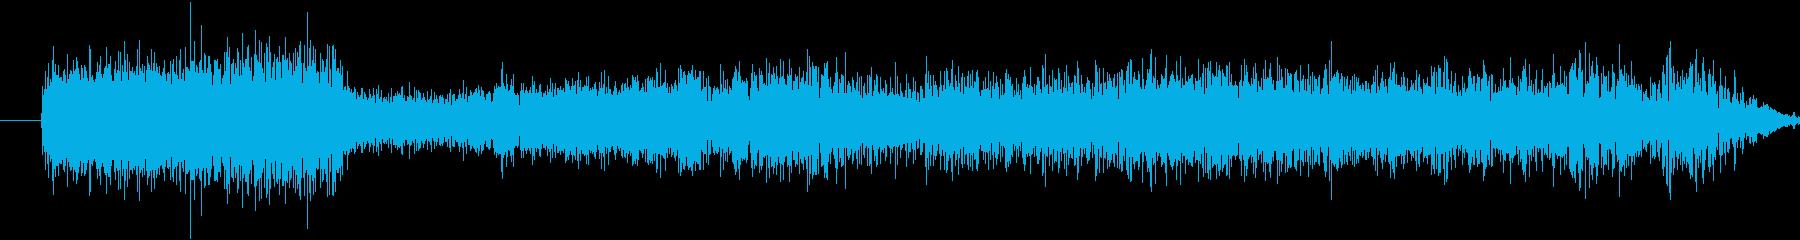 ラジオスキャンレーザーパニングウーシュの再生済みの波形